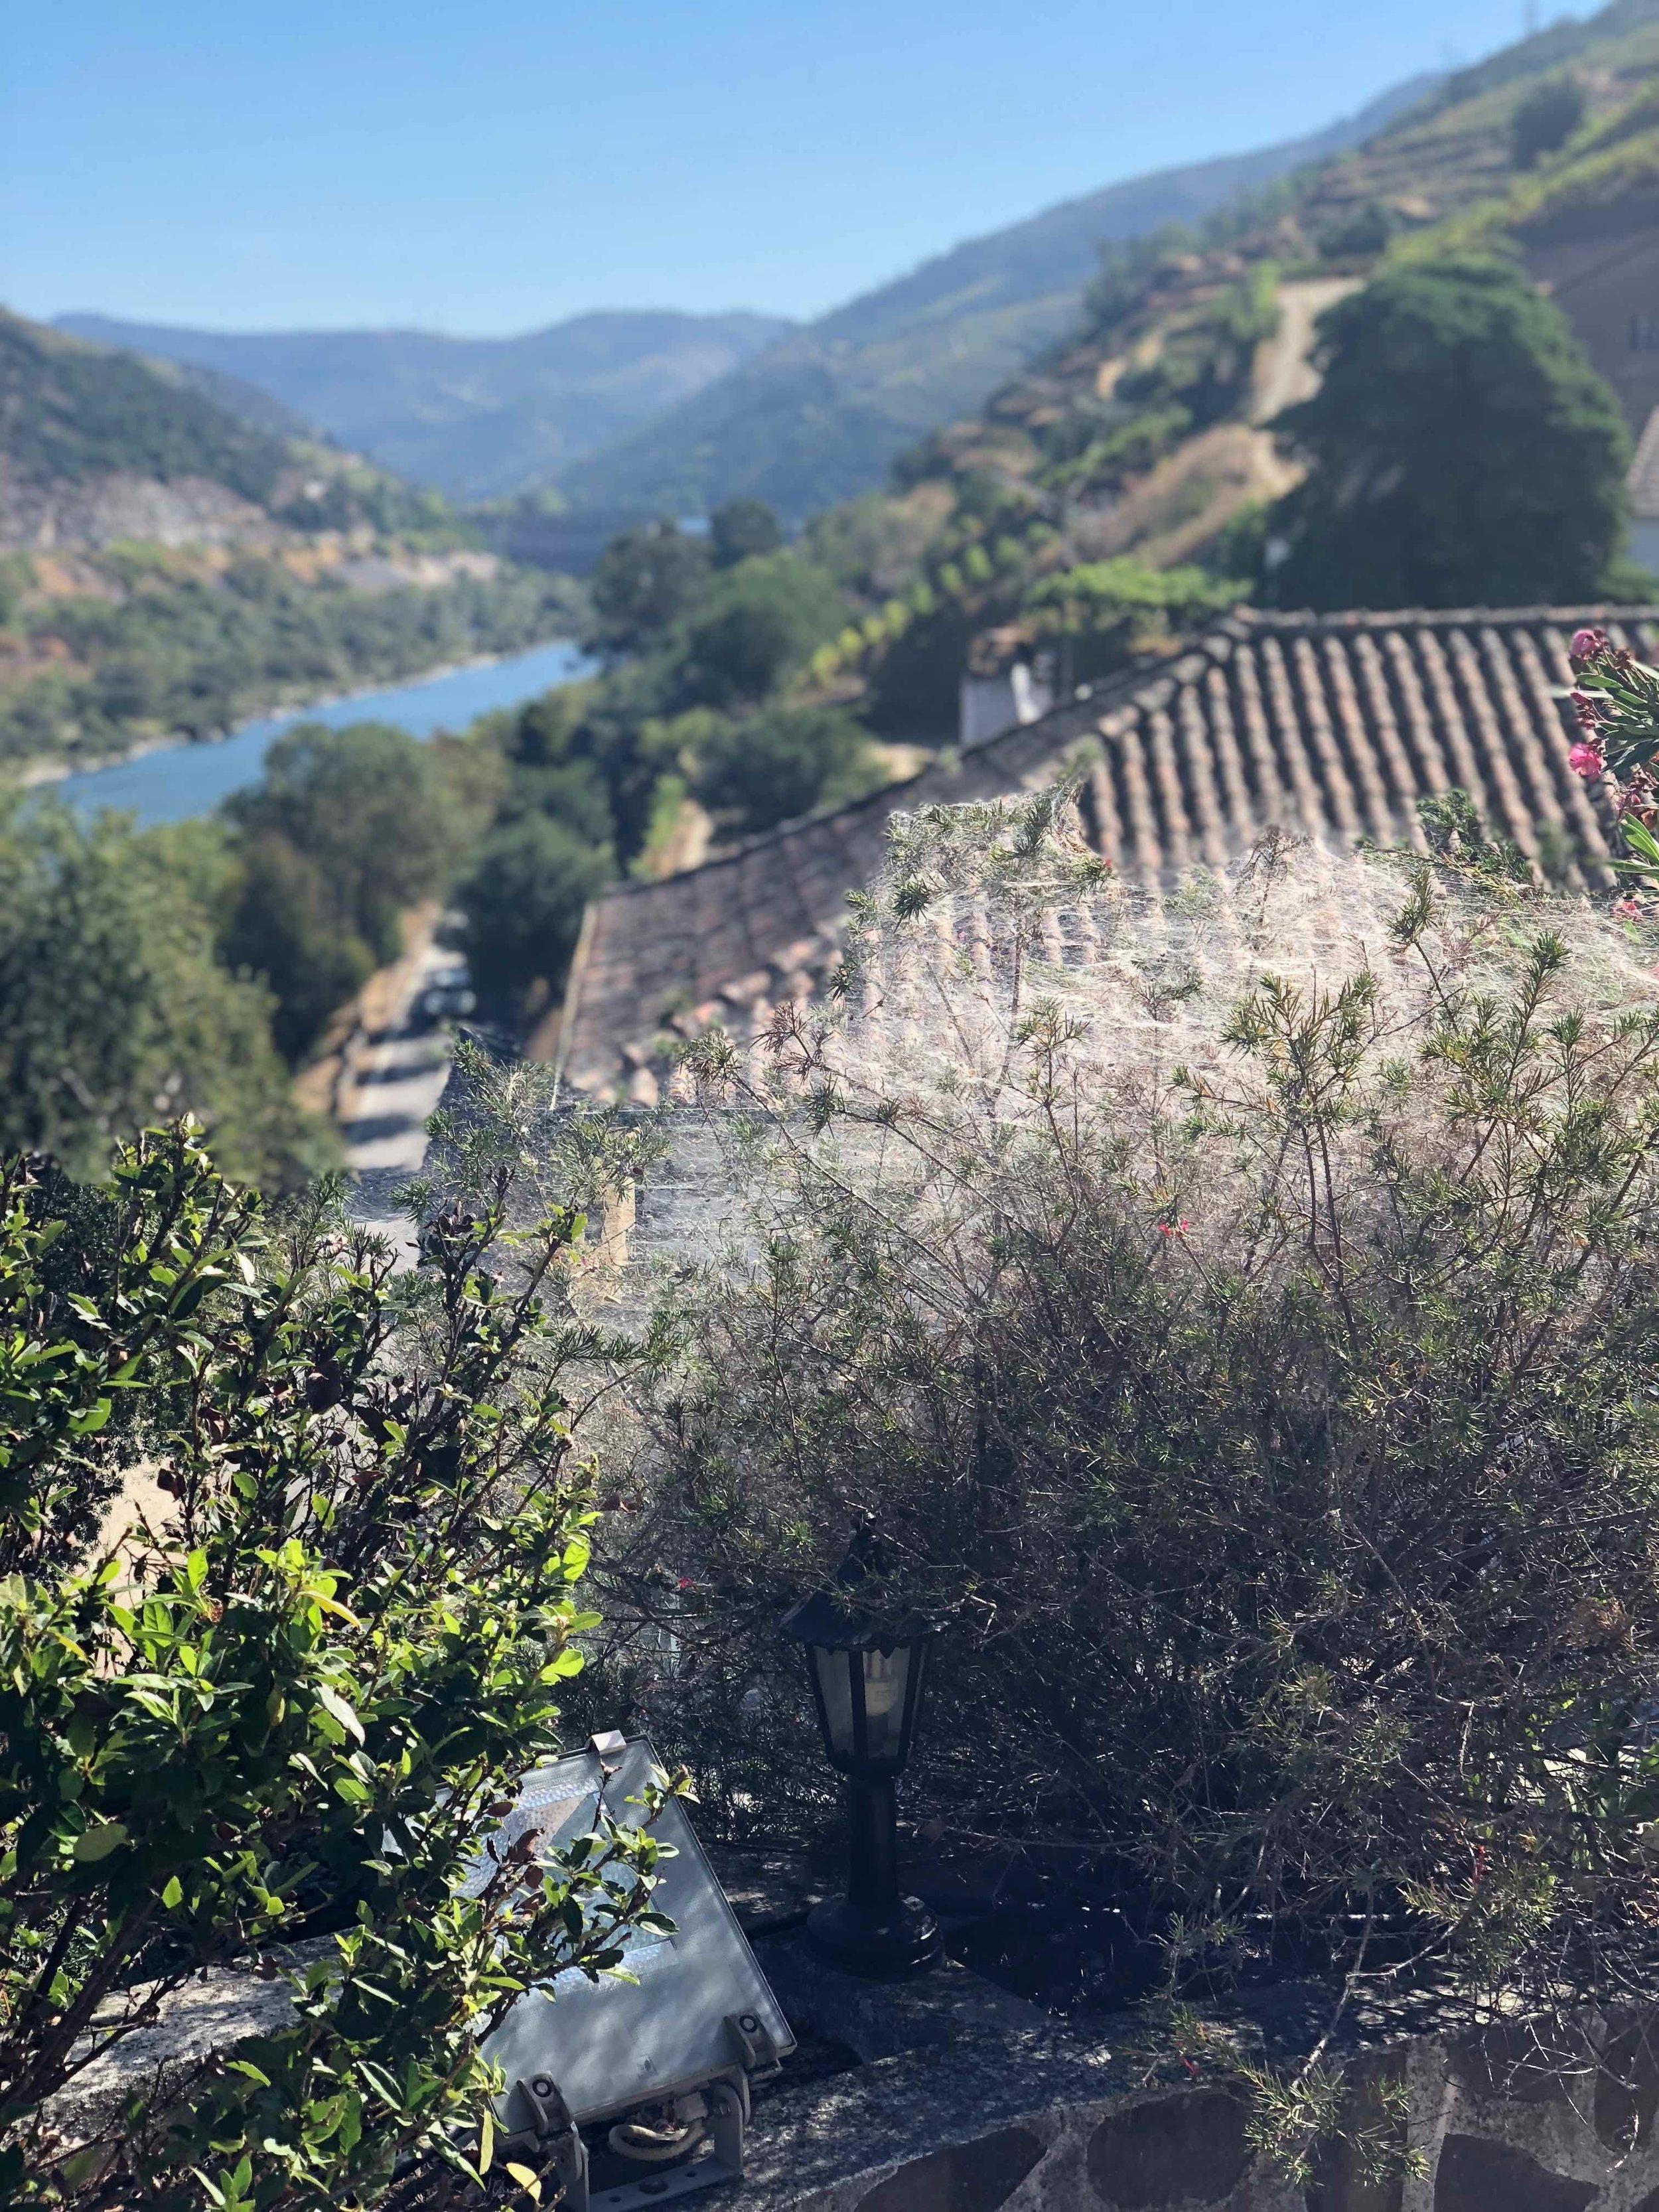 Qunita de Marrocos Douro